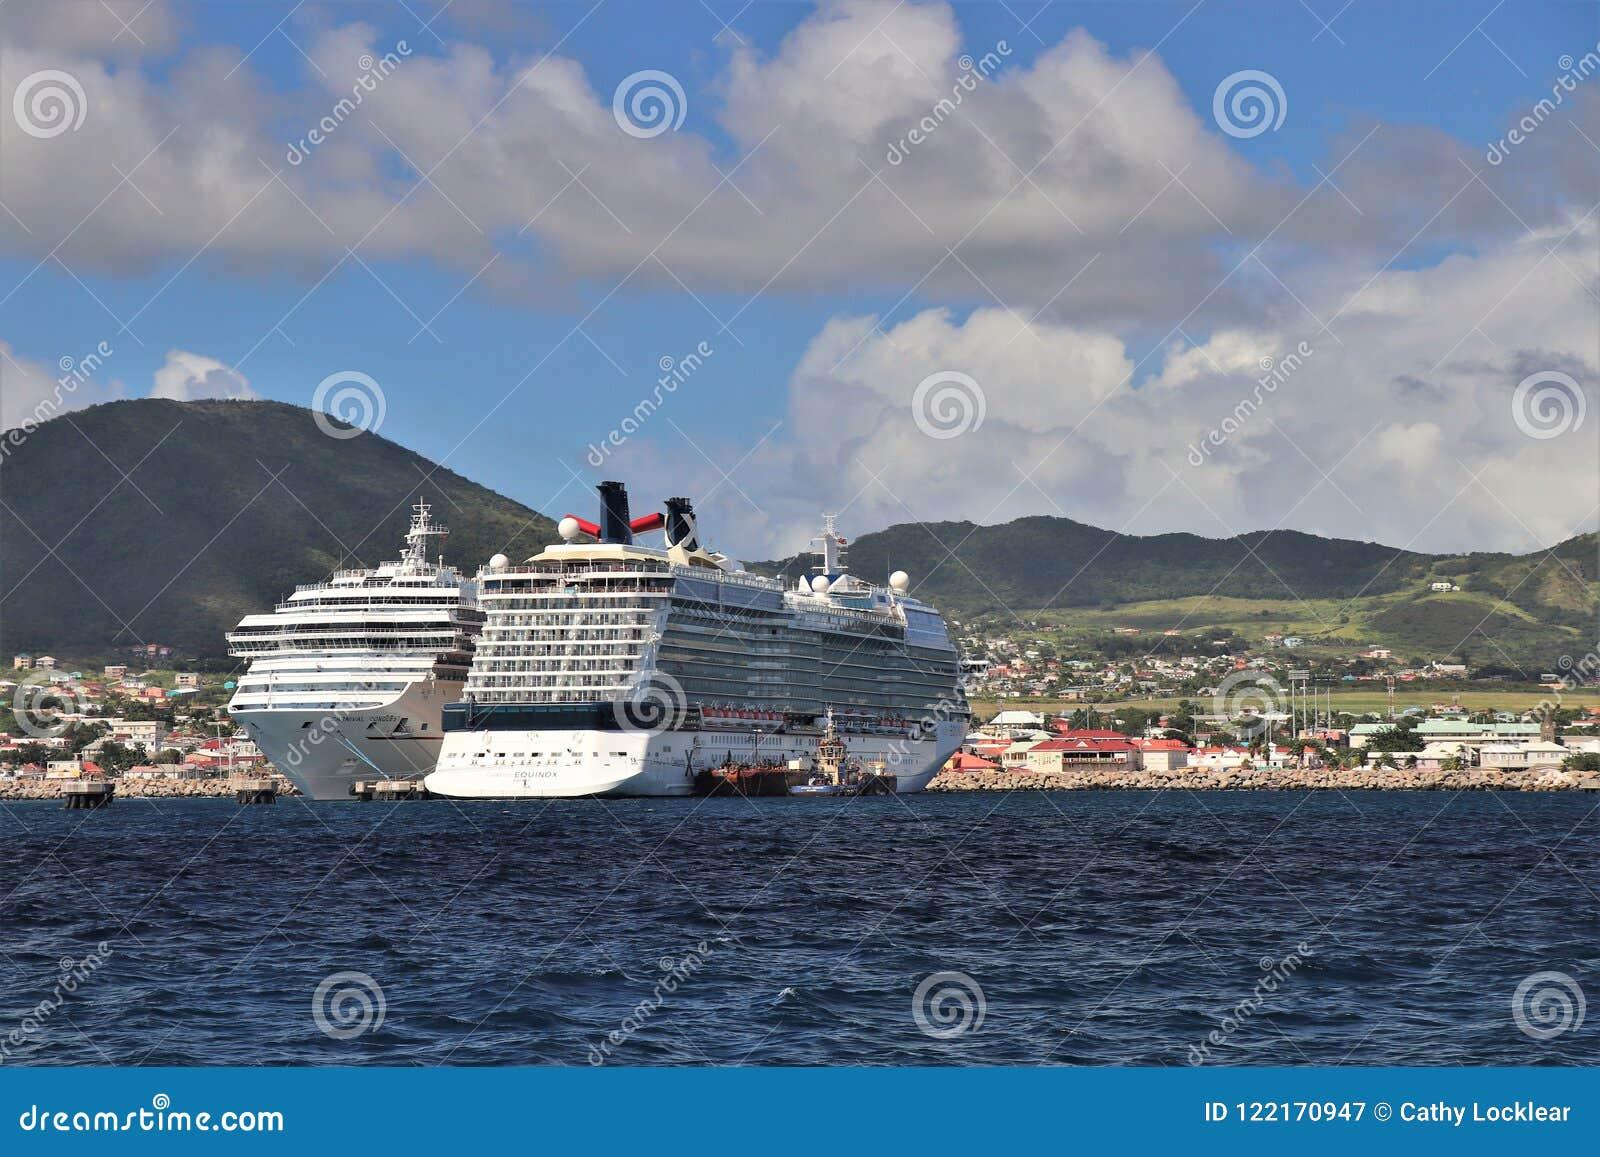 Basseterre St Kitts - 1/24/2018 - karnevalerövringen och skepp för kändisdagjämningkryssning anslöt i port Zane, St Kitts